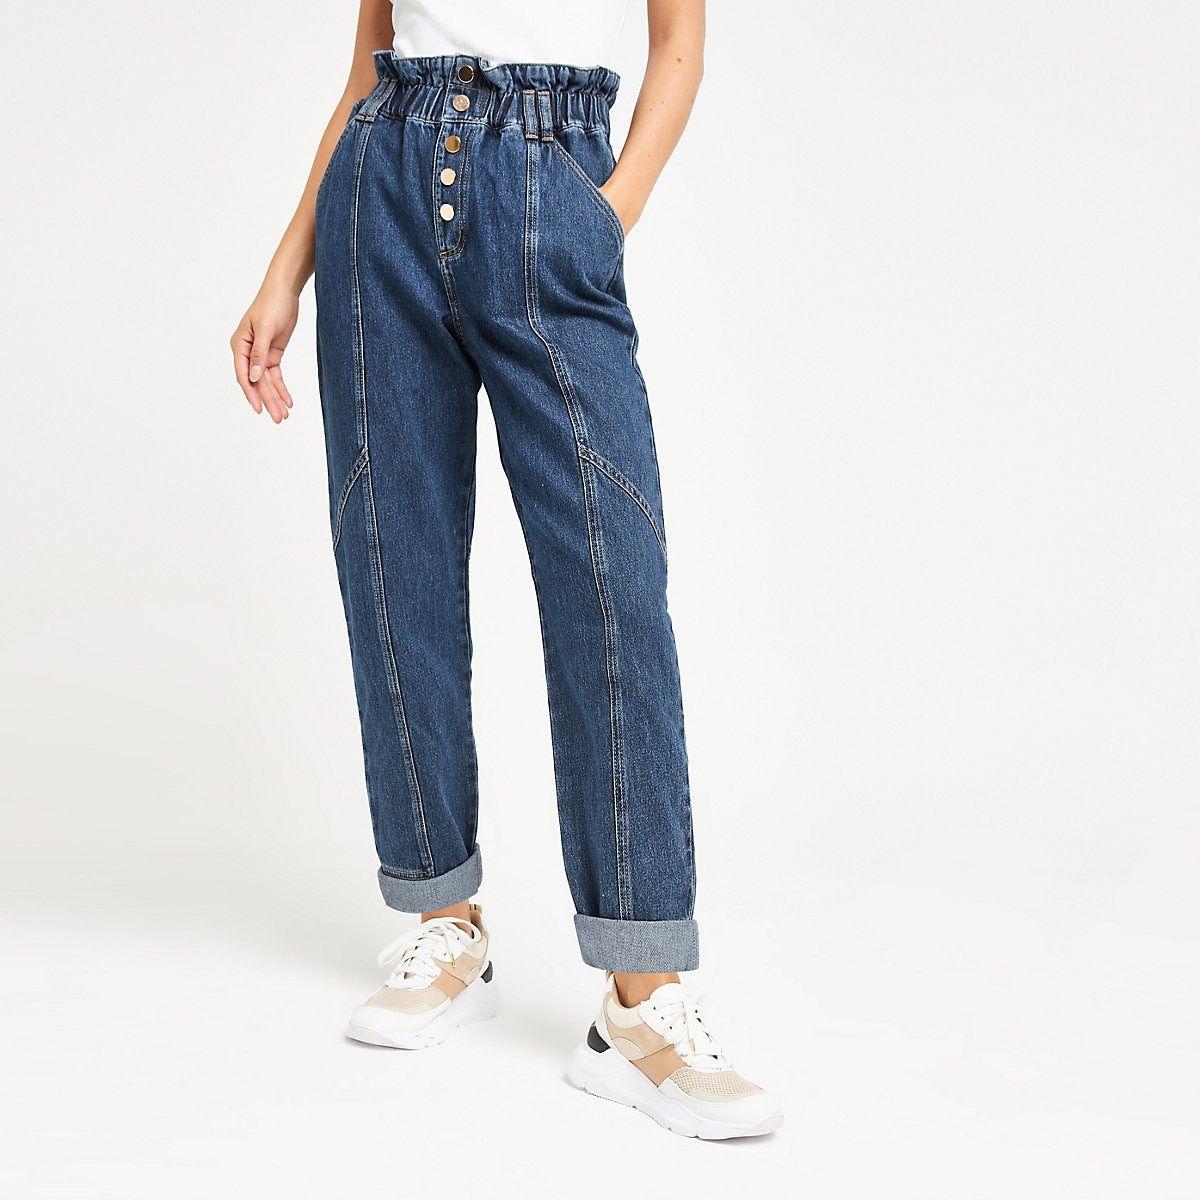 Mid blue paperbag denim jeans | Denim jeans, Denim, Jeans